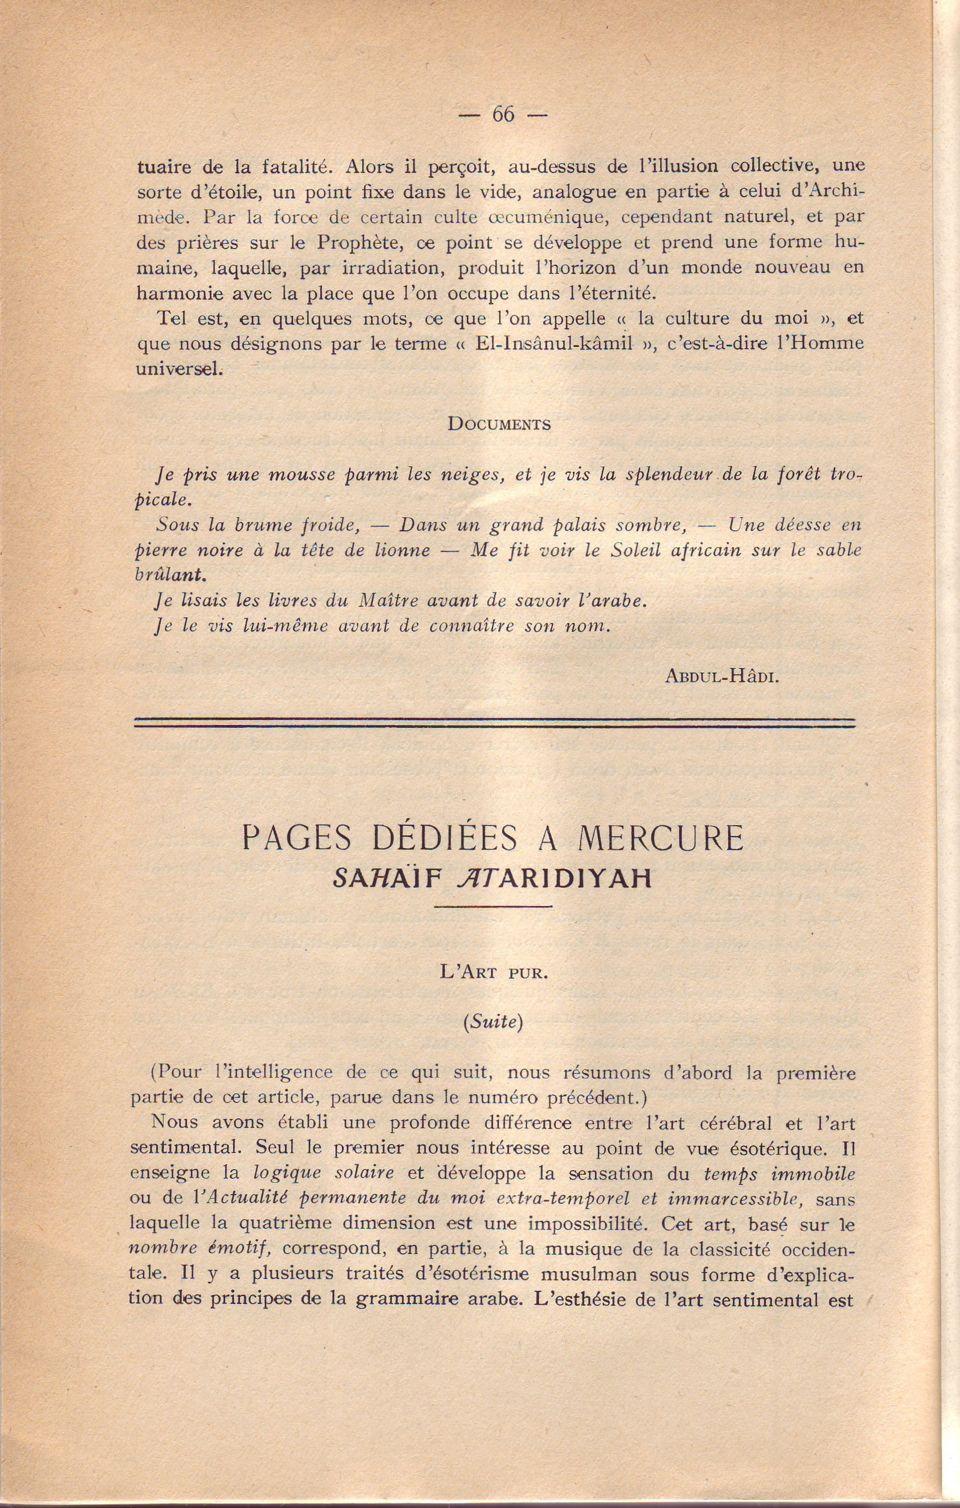 Pages..Mércure 12. 66